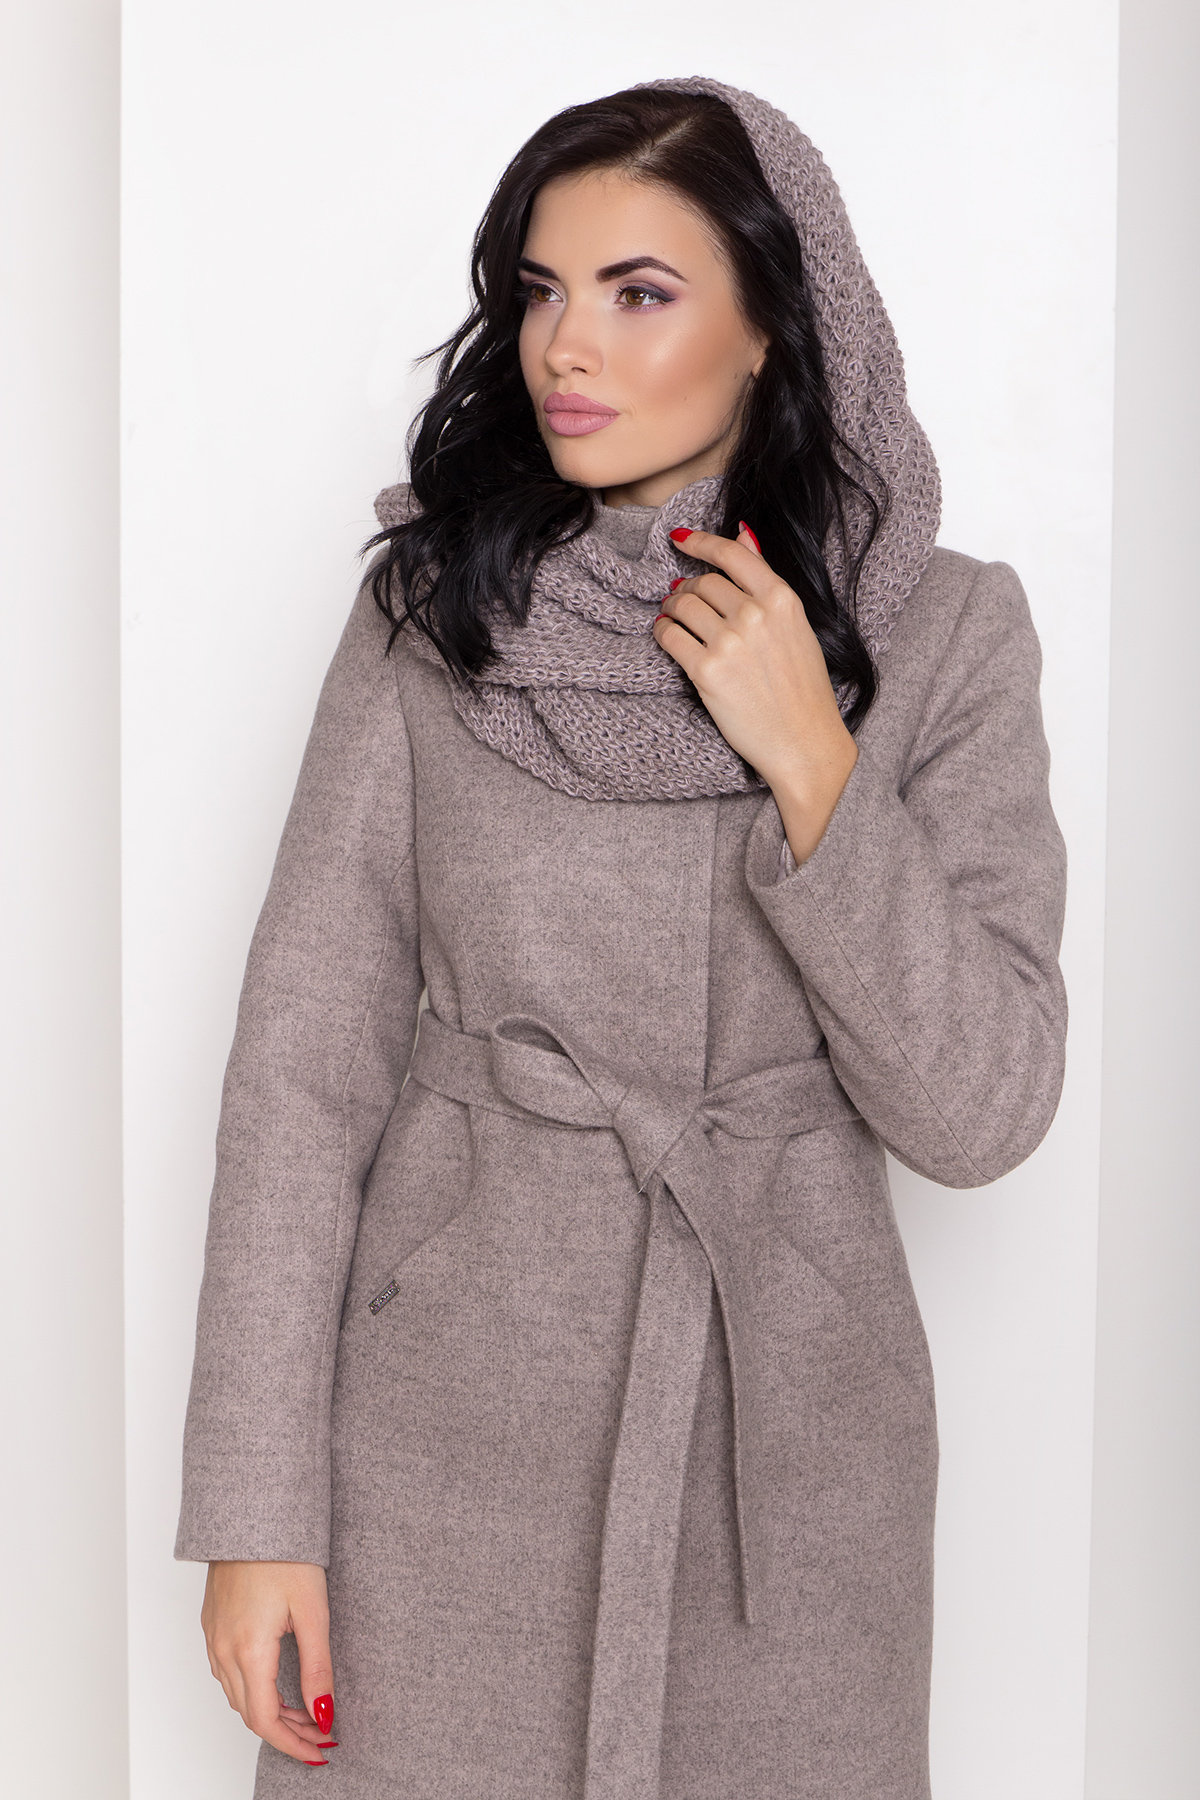 Зимнее пальто с круговым шарфом  Сплит 8406 АРТ. 44632 Цвет: Бежевый 31 - фото 6, интернет магазин tm-modus.ru